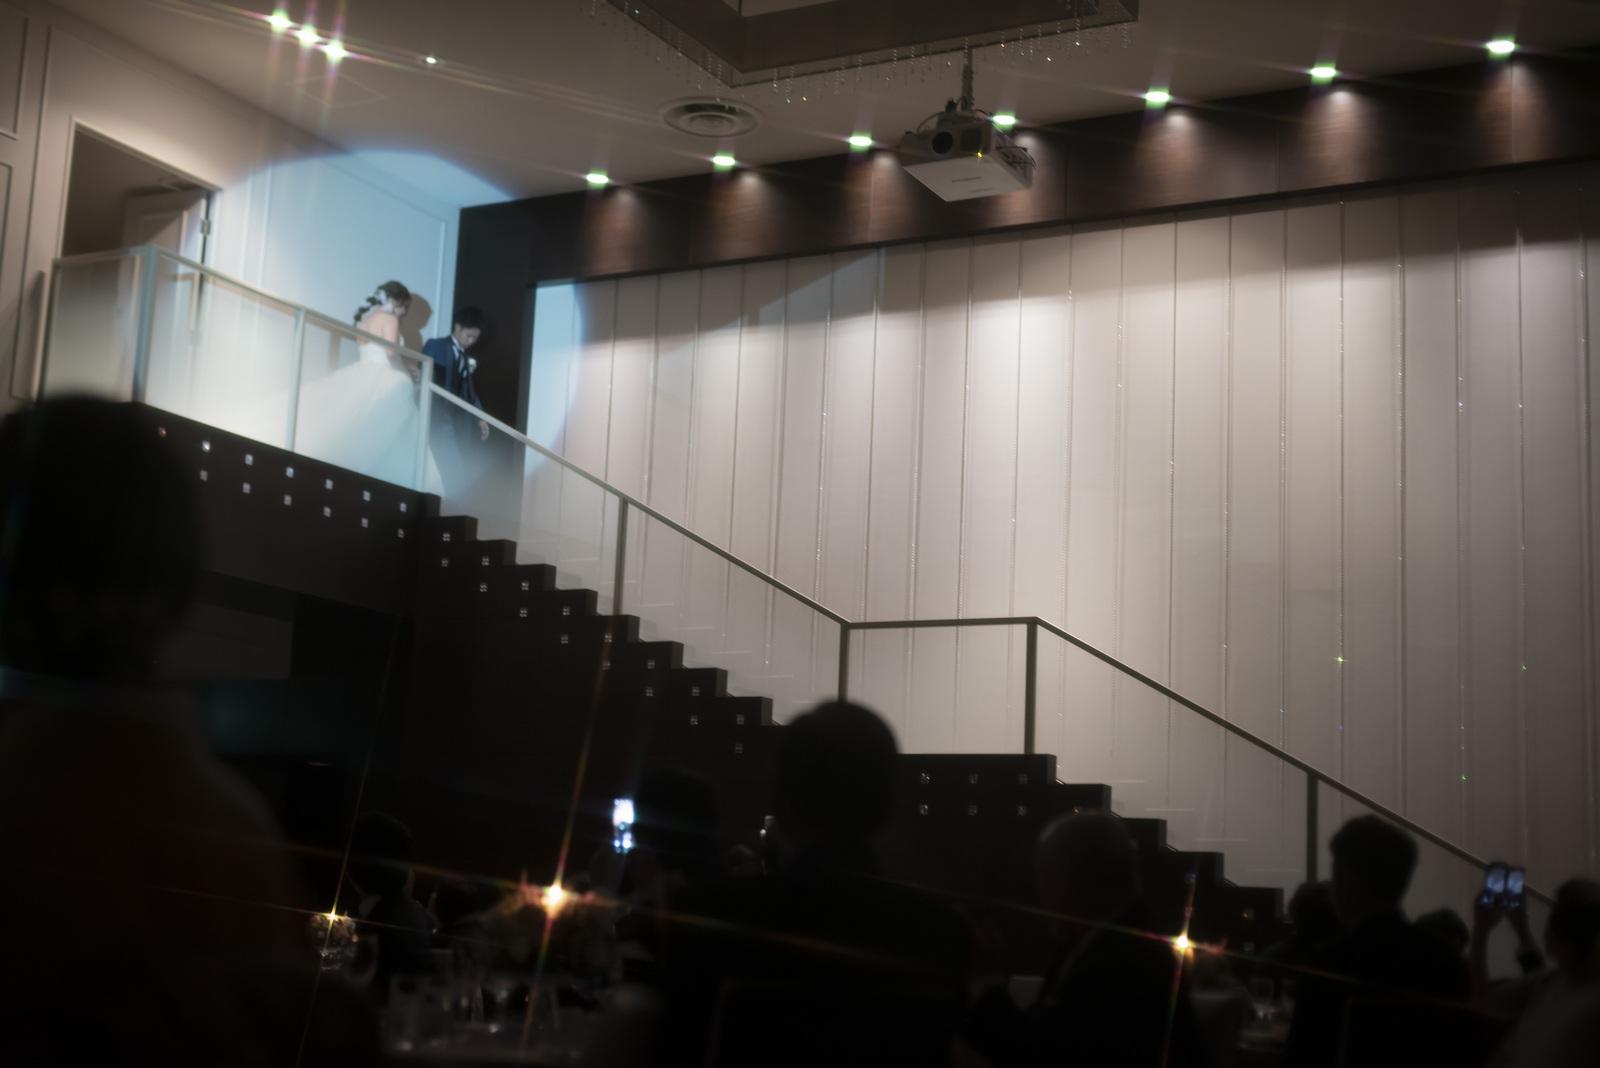 香川県の結婚式場シェルエメール&アイスタイルの階段入場